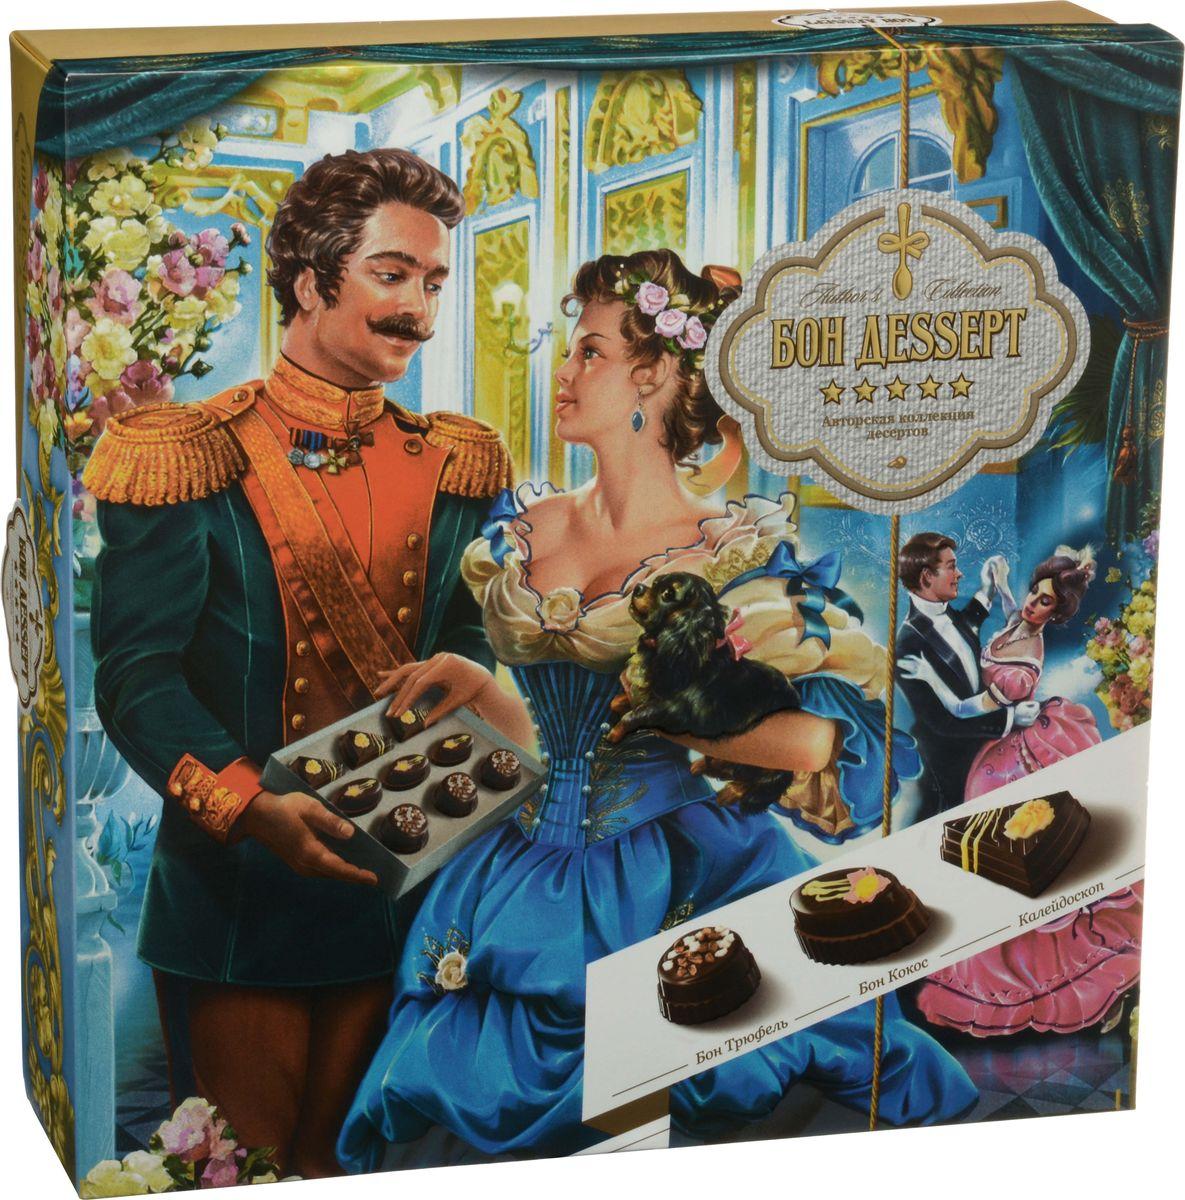 Бон Деssерт ассорти шоколадных конфет-десертов ручной работы На балу, 230 г спартак набор шоколадных конфет 300 г